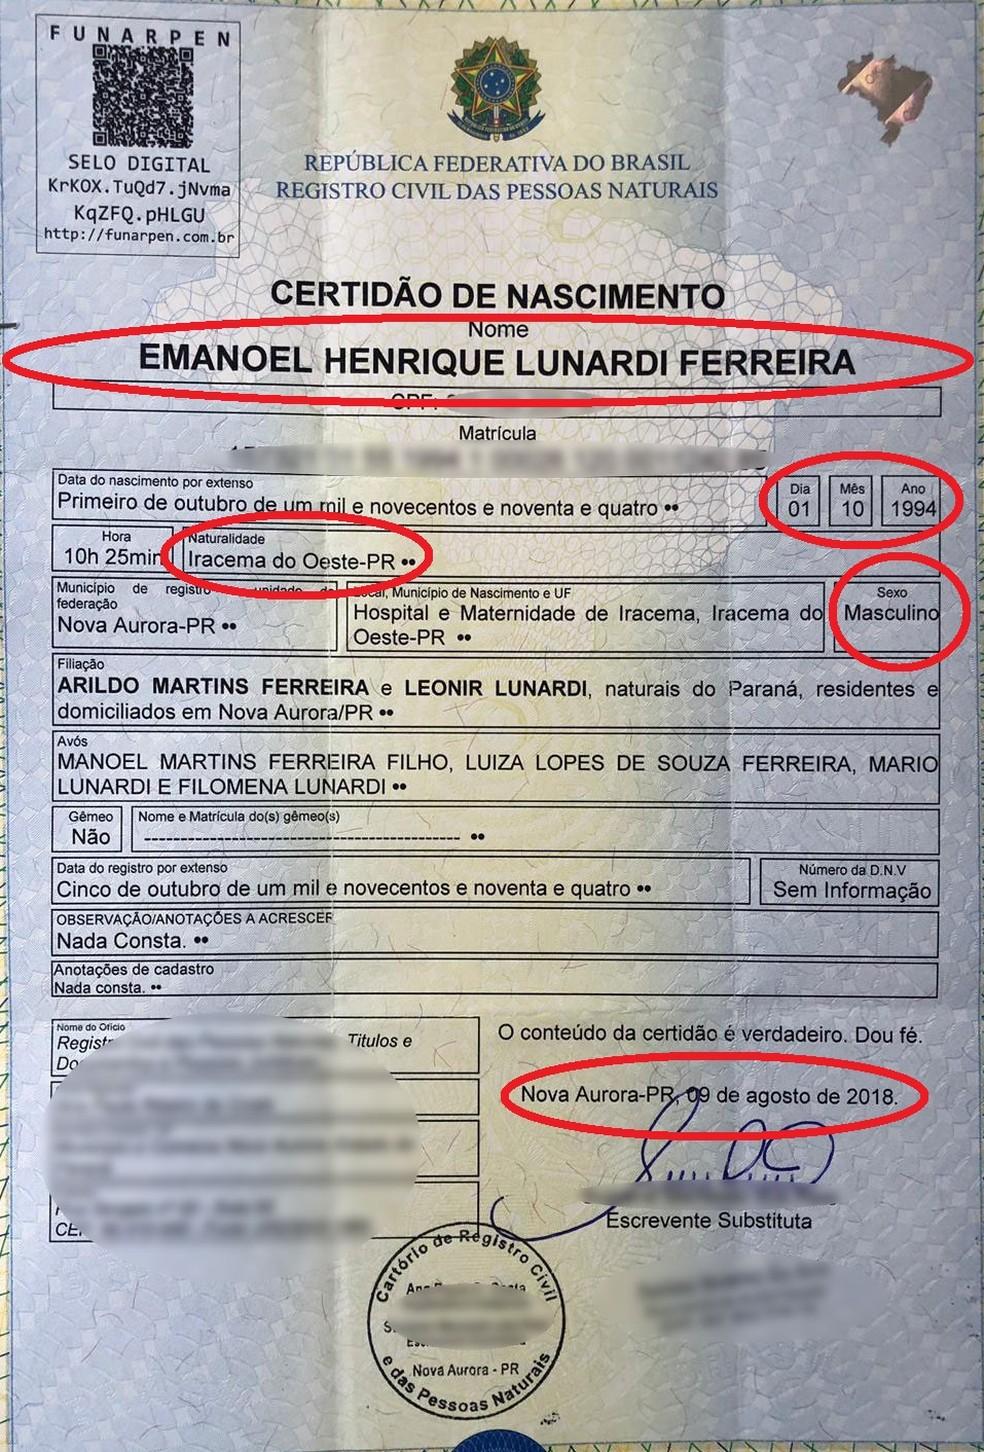 Nova certidão de nascimento alterou antigo nome e sexo de nascimento do policial para aquele que ele gostaria que fosse reconhecido: Emanoel Henrique Lunardi Ferreira, masculino — Foto: Reprodução/Divulgação/Arquivo pessoal